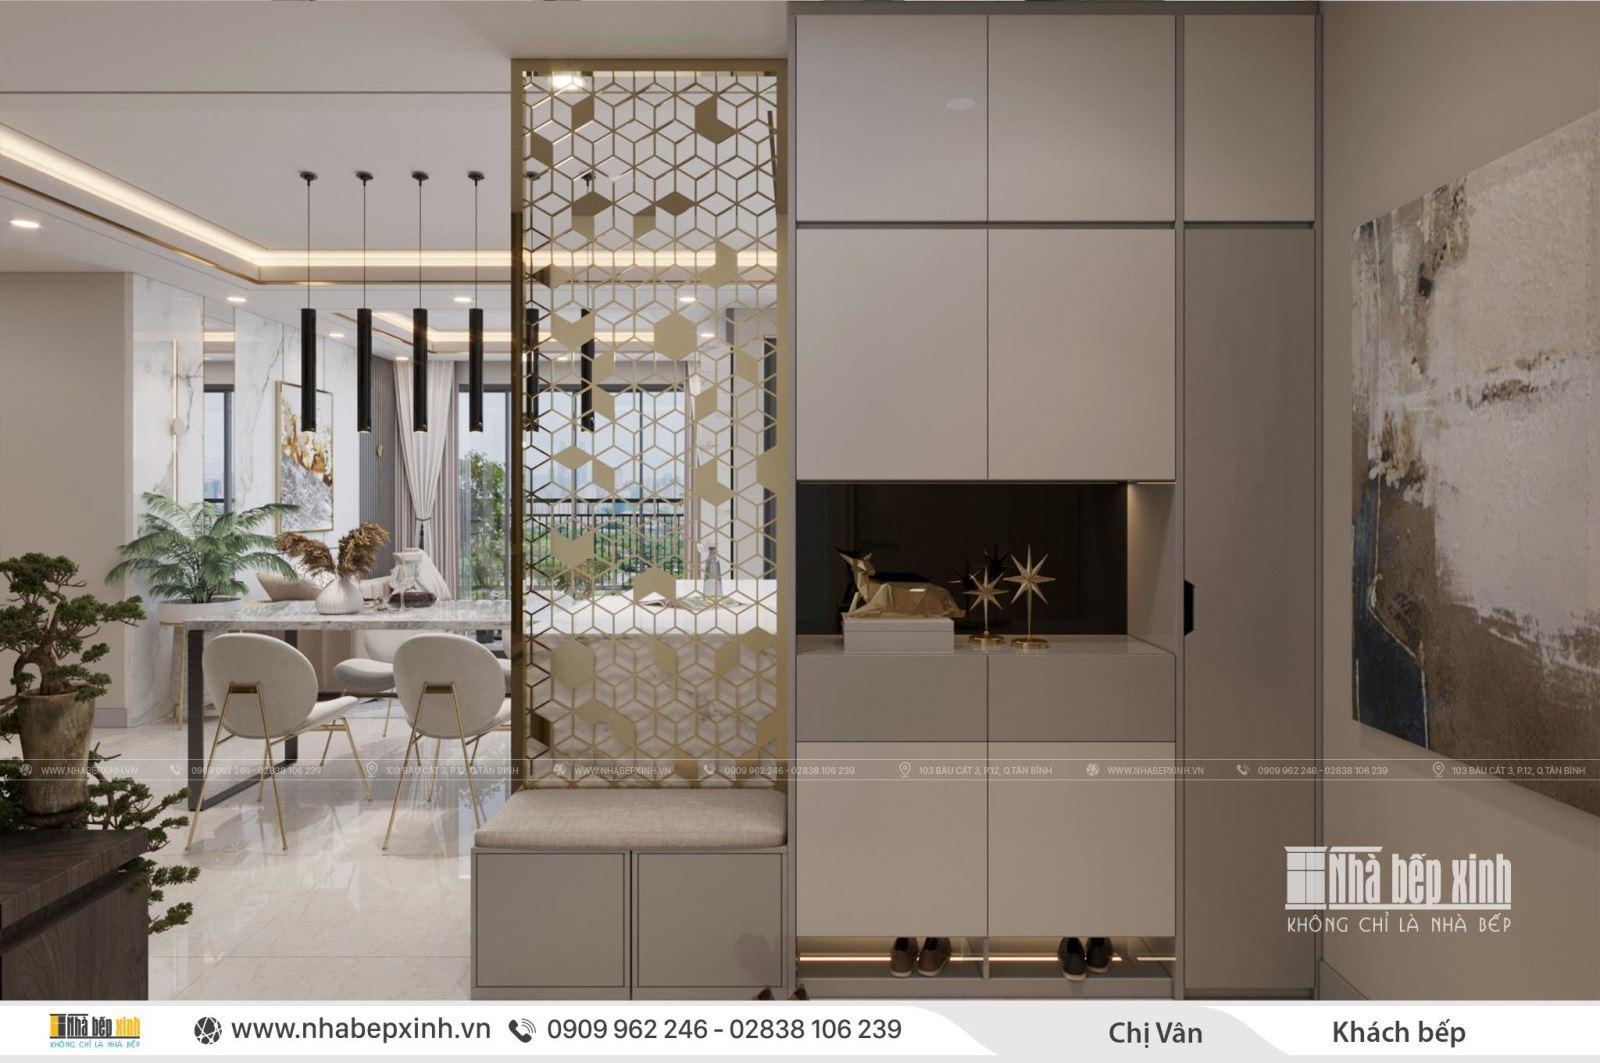 Cách thiết kế phòng khách đẹp và hiện đại tại chung cư Celadon City